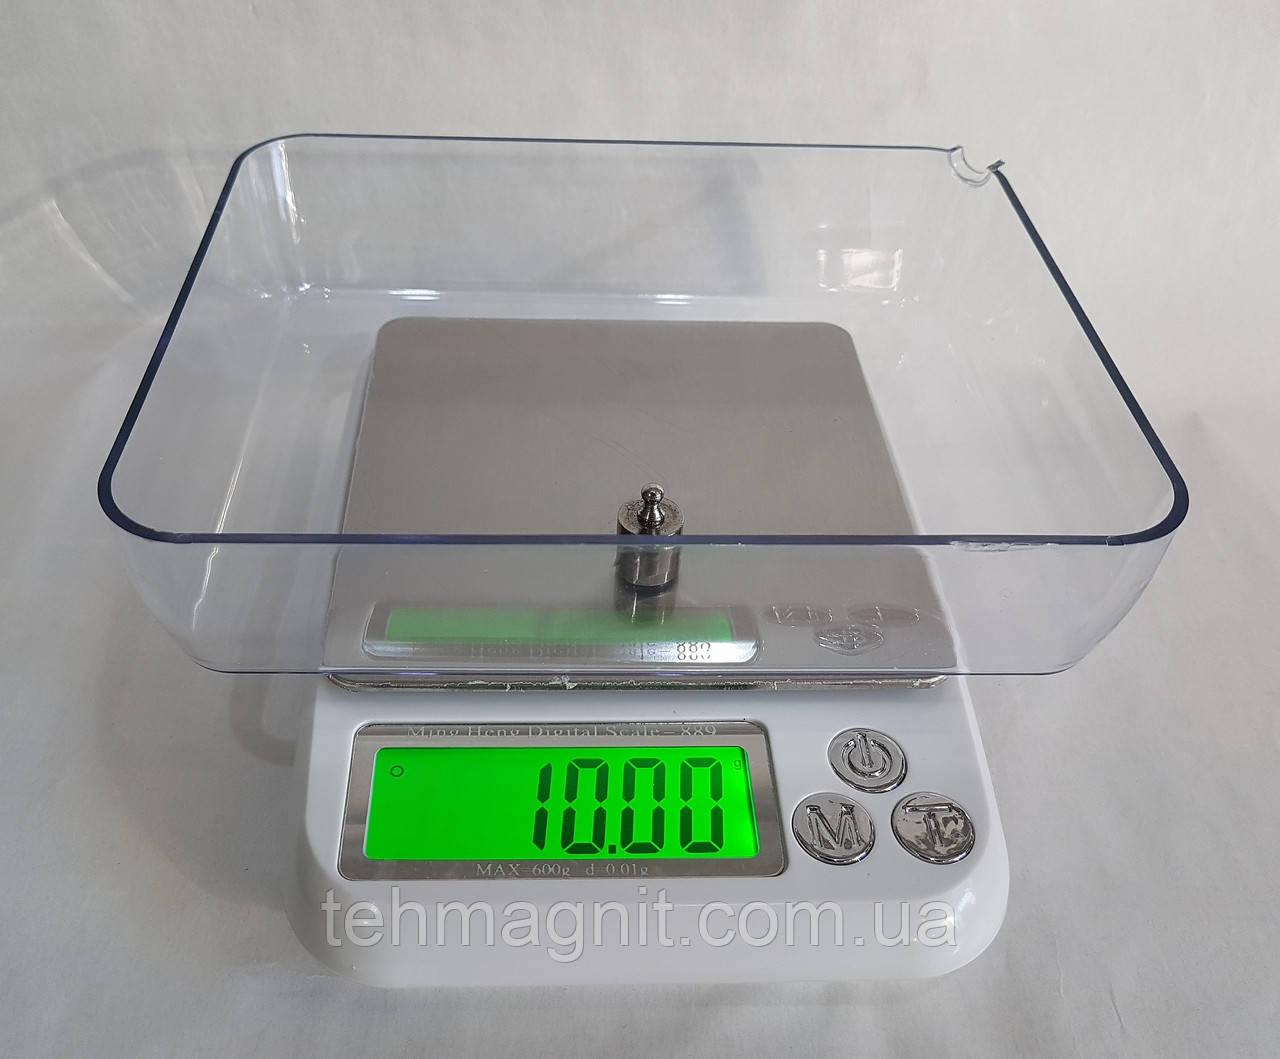 Ювелирные лабораторные электронные веса MH 889 до 600 г